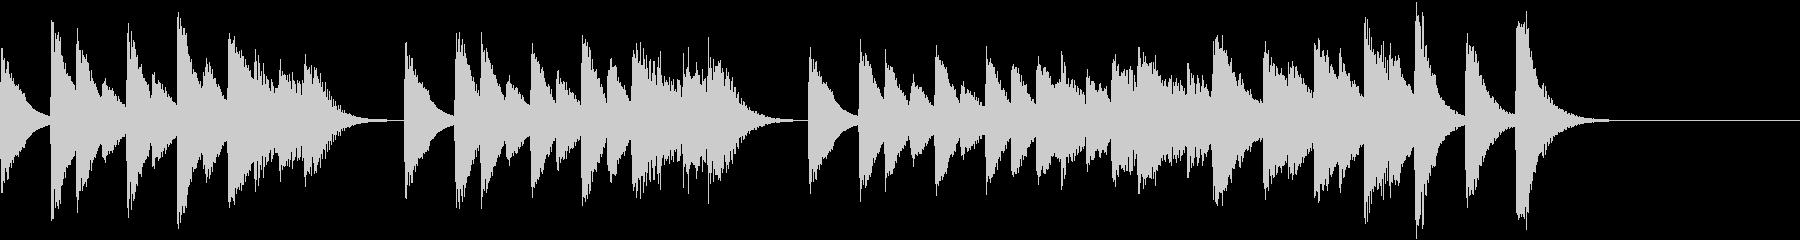 愛々しいメロディのコミカルピアノジングルの未再生の波形